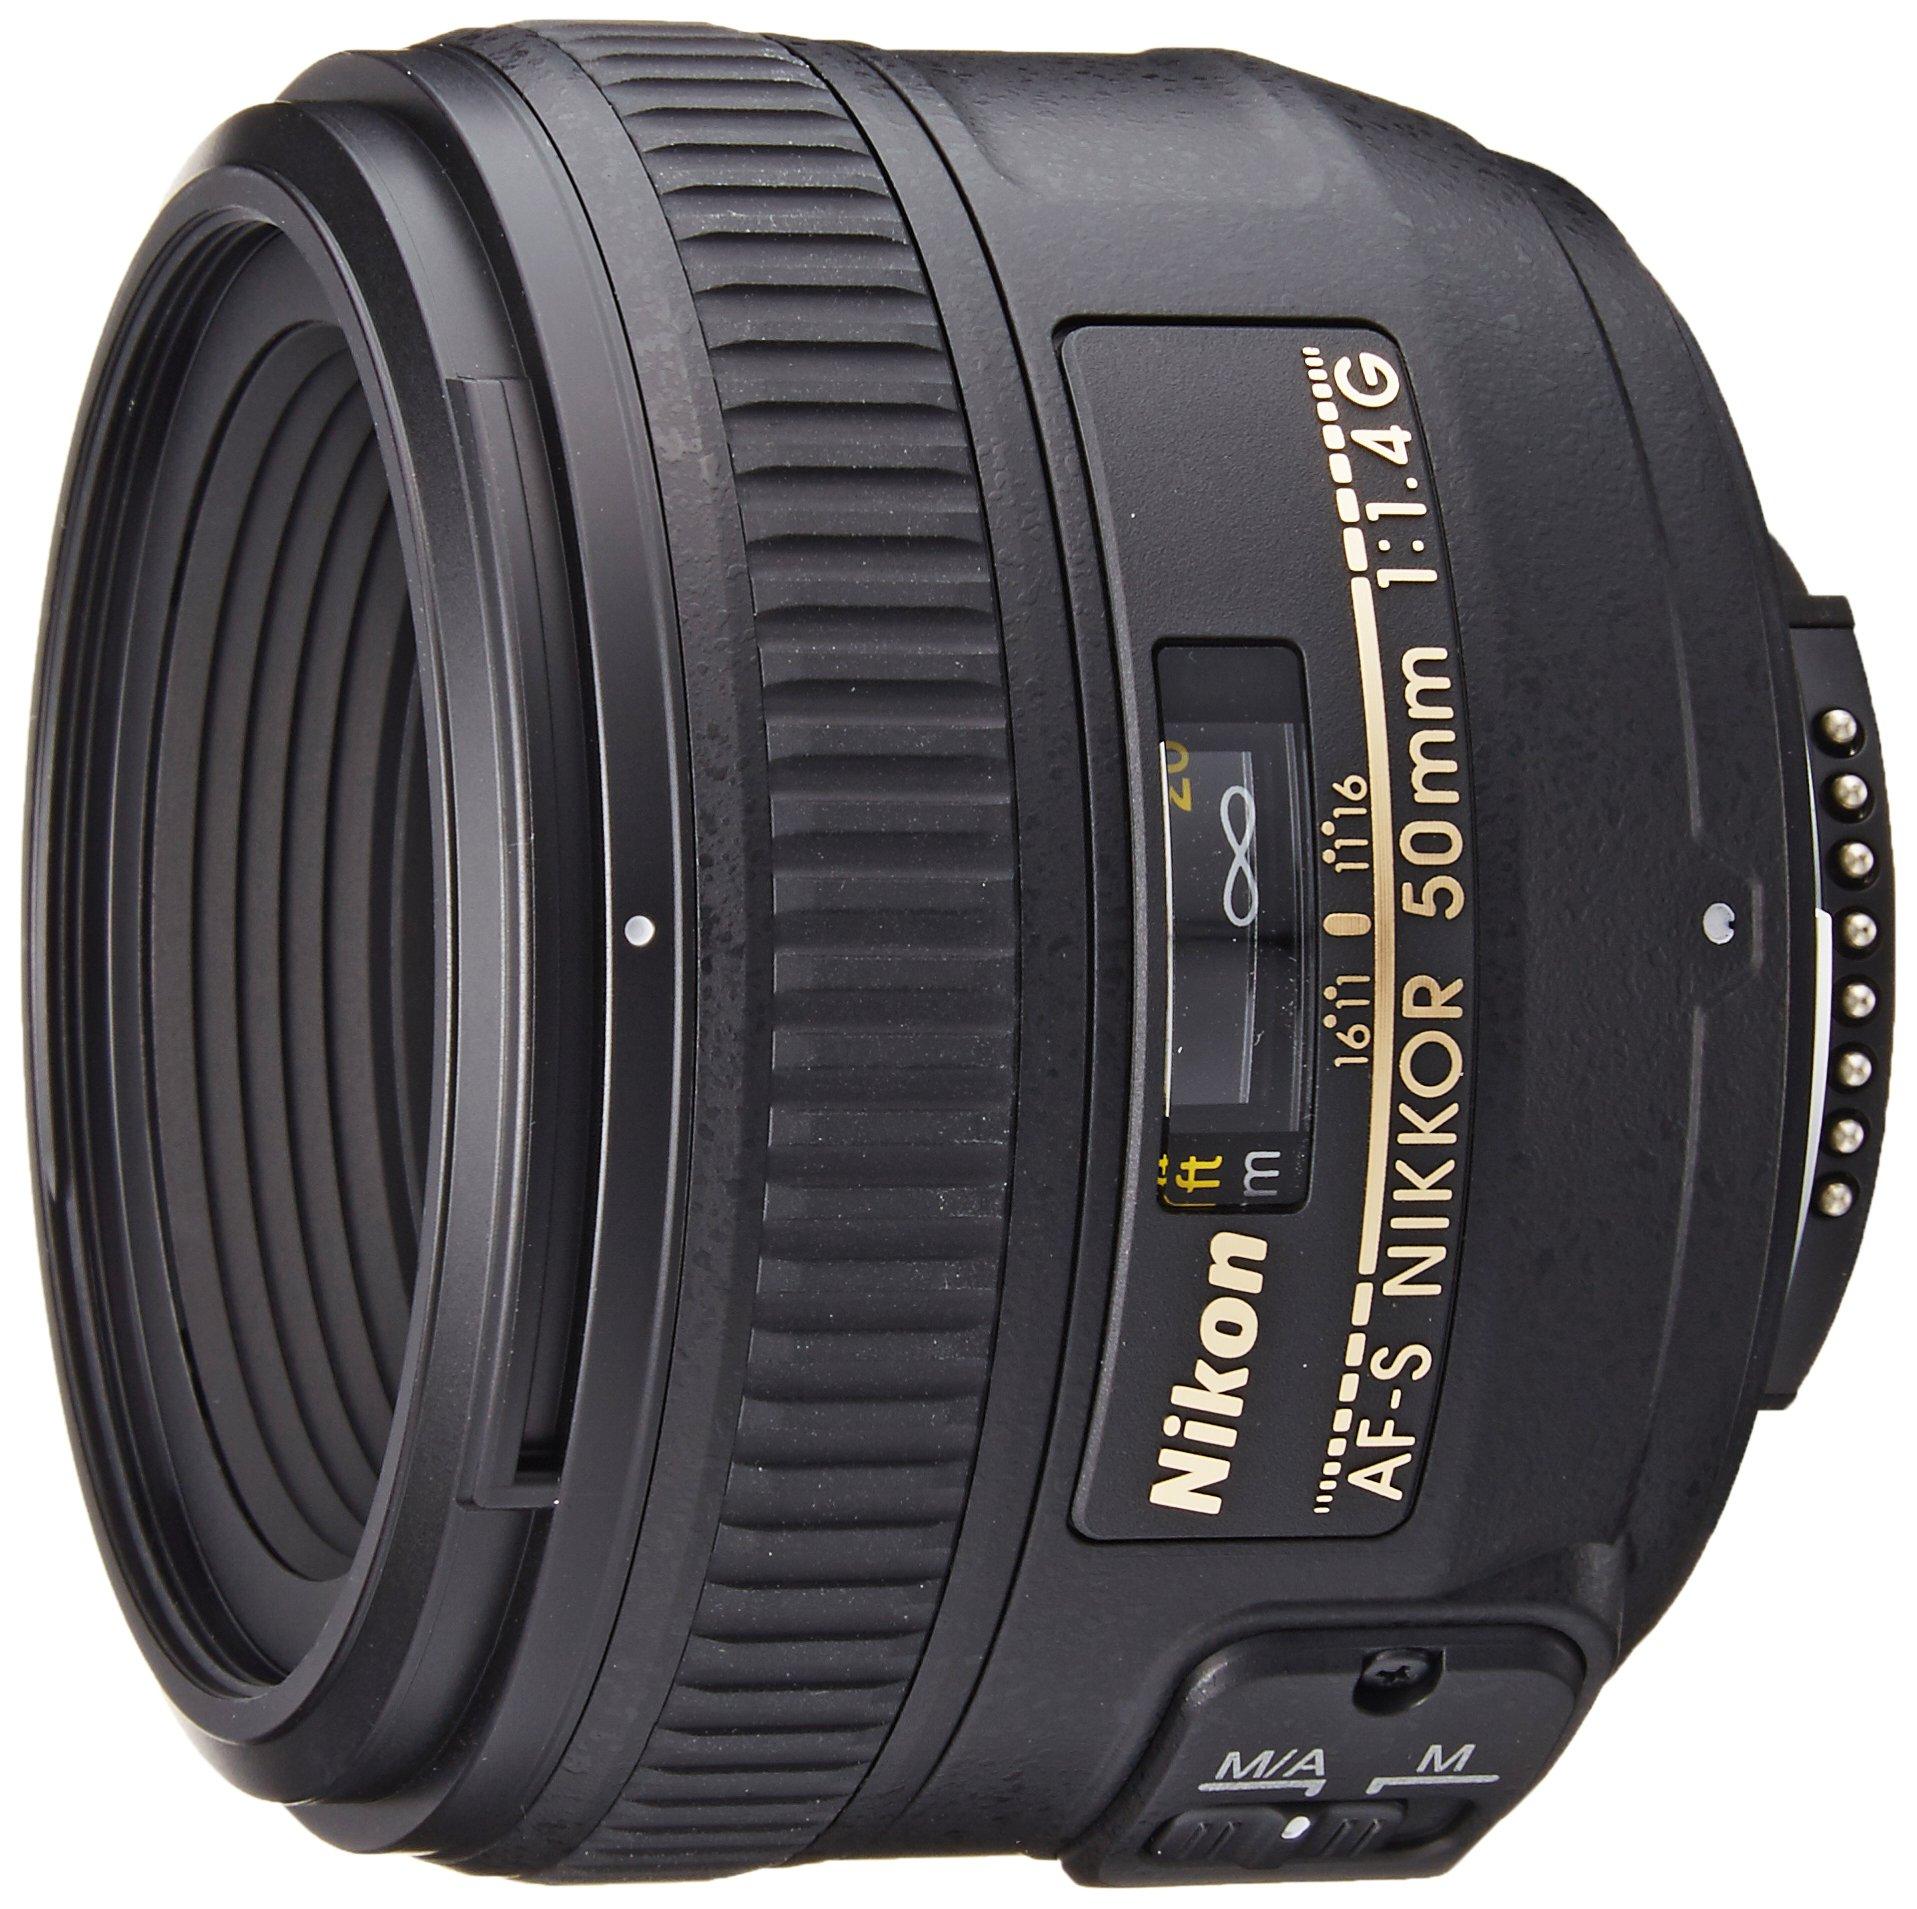 Nikon AF-S FX NIKKOR 50mm f/1.4G Lens with Auto Focus for Nikon DSLR Cameras by Nikon